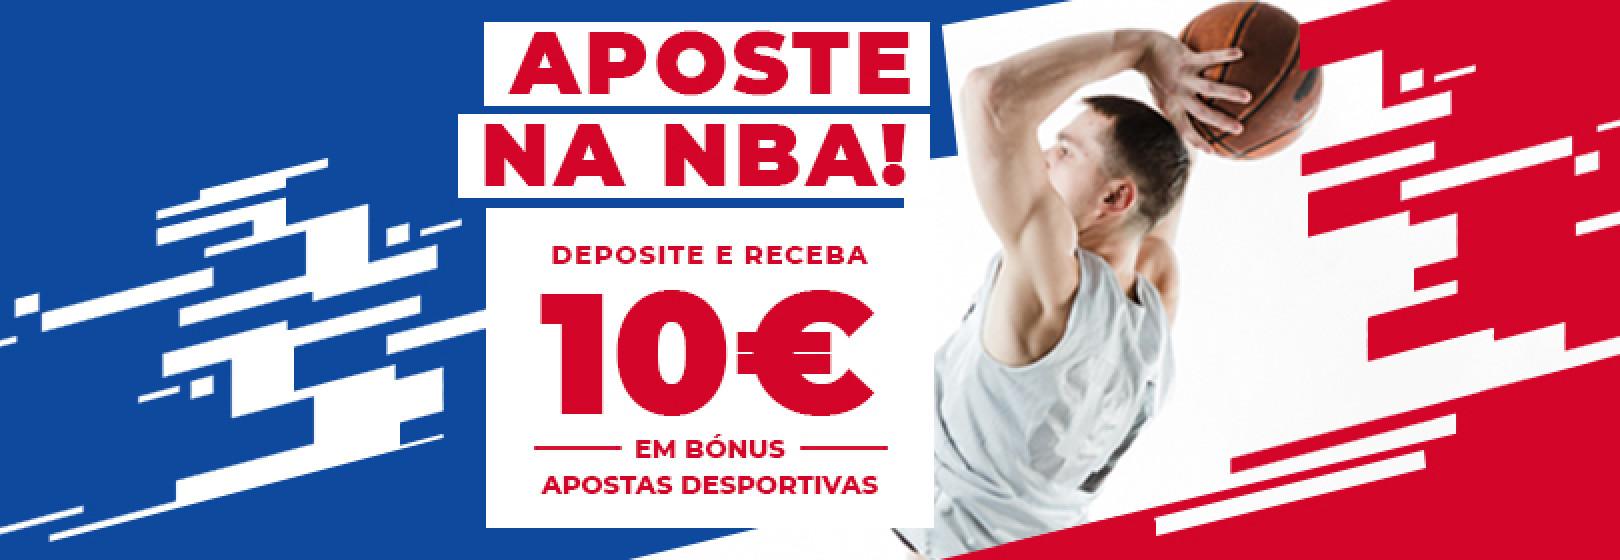 Bonus apostas desportivas sem deposito